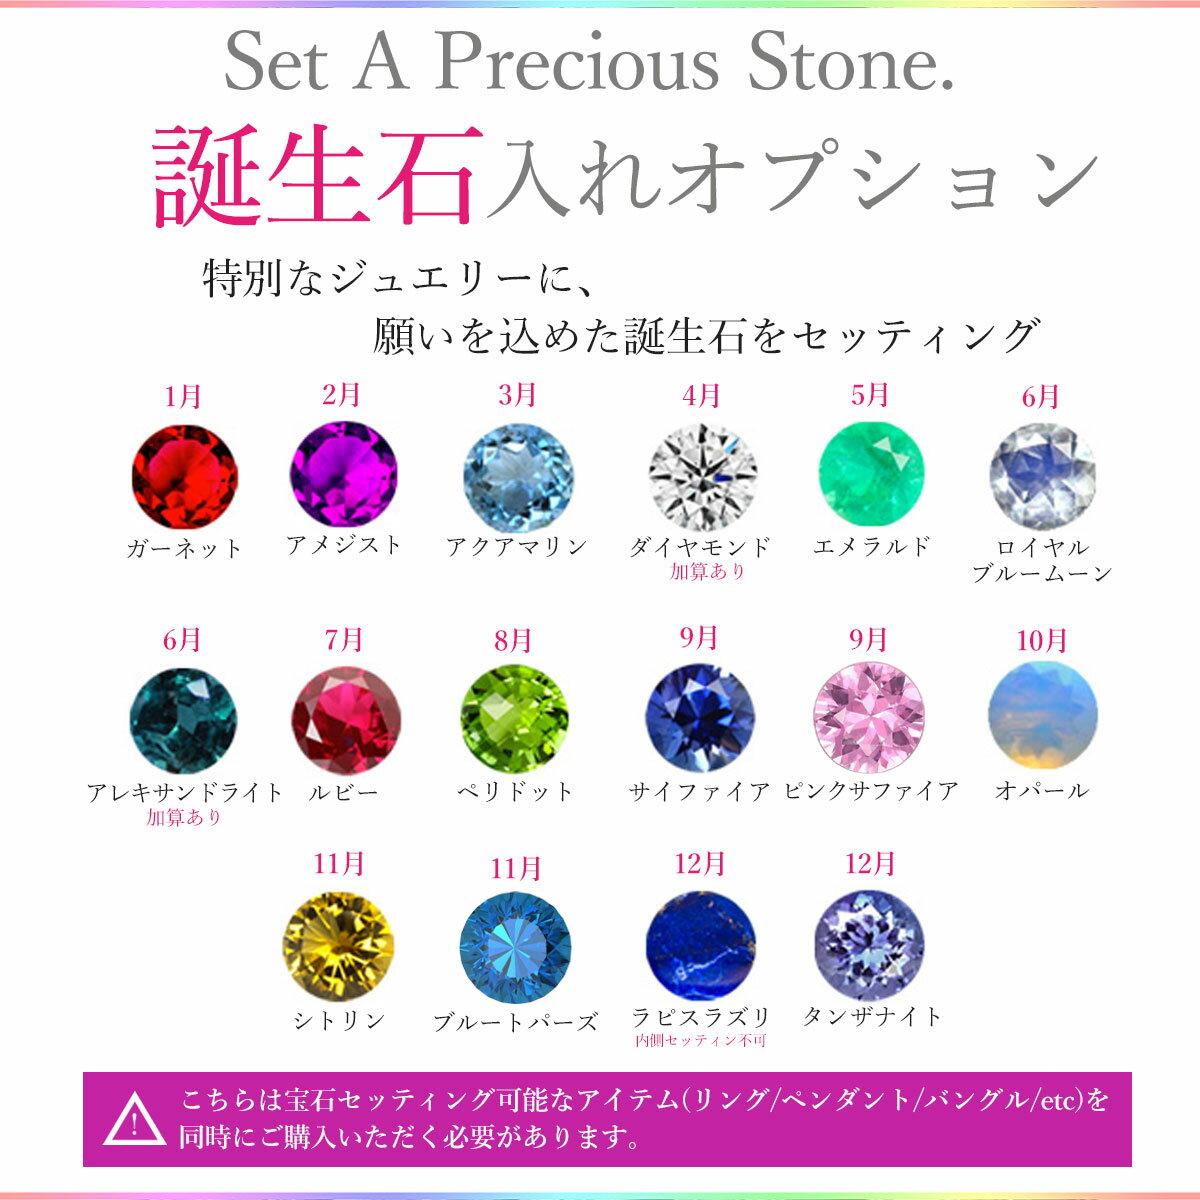 【同時購入用】誕生石・ダイヤモンドセッティングオプション リング指輪・ペンダント・バングル用 ハワイアンジュエリー クリスマス プレゼント